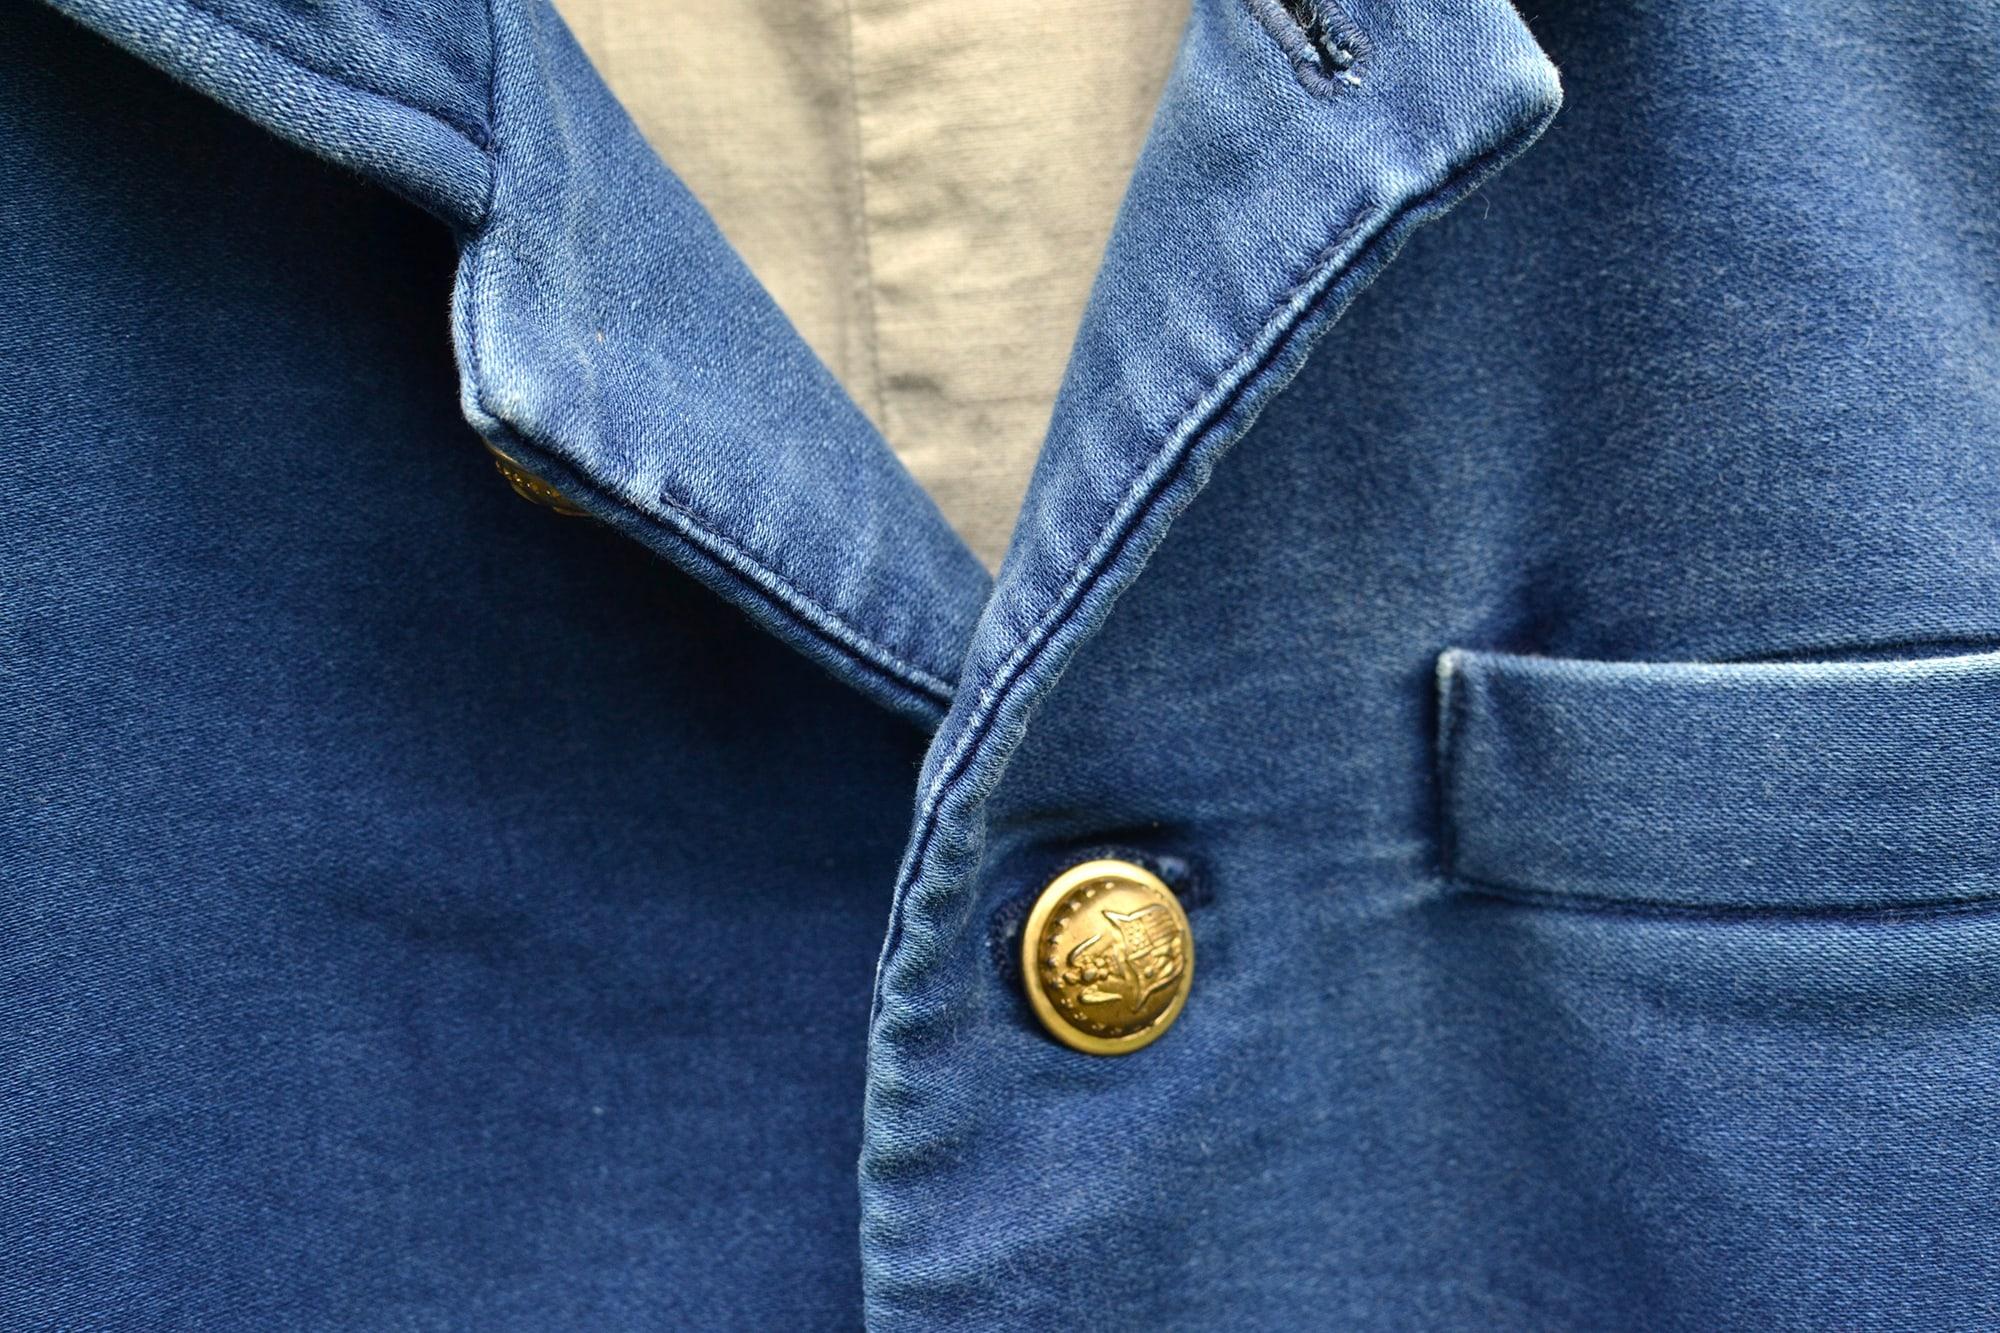 visvim potomac jacket - damaged indigo moleskine - 1